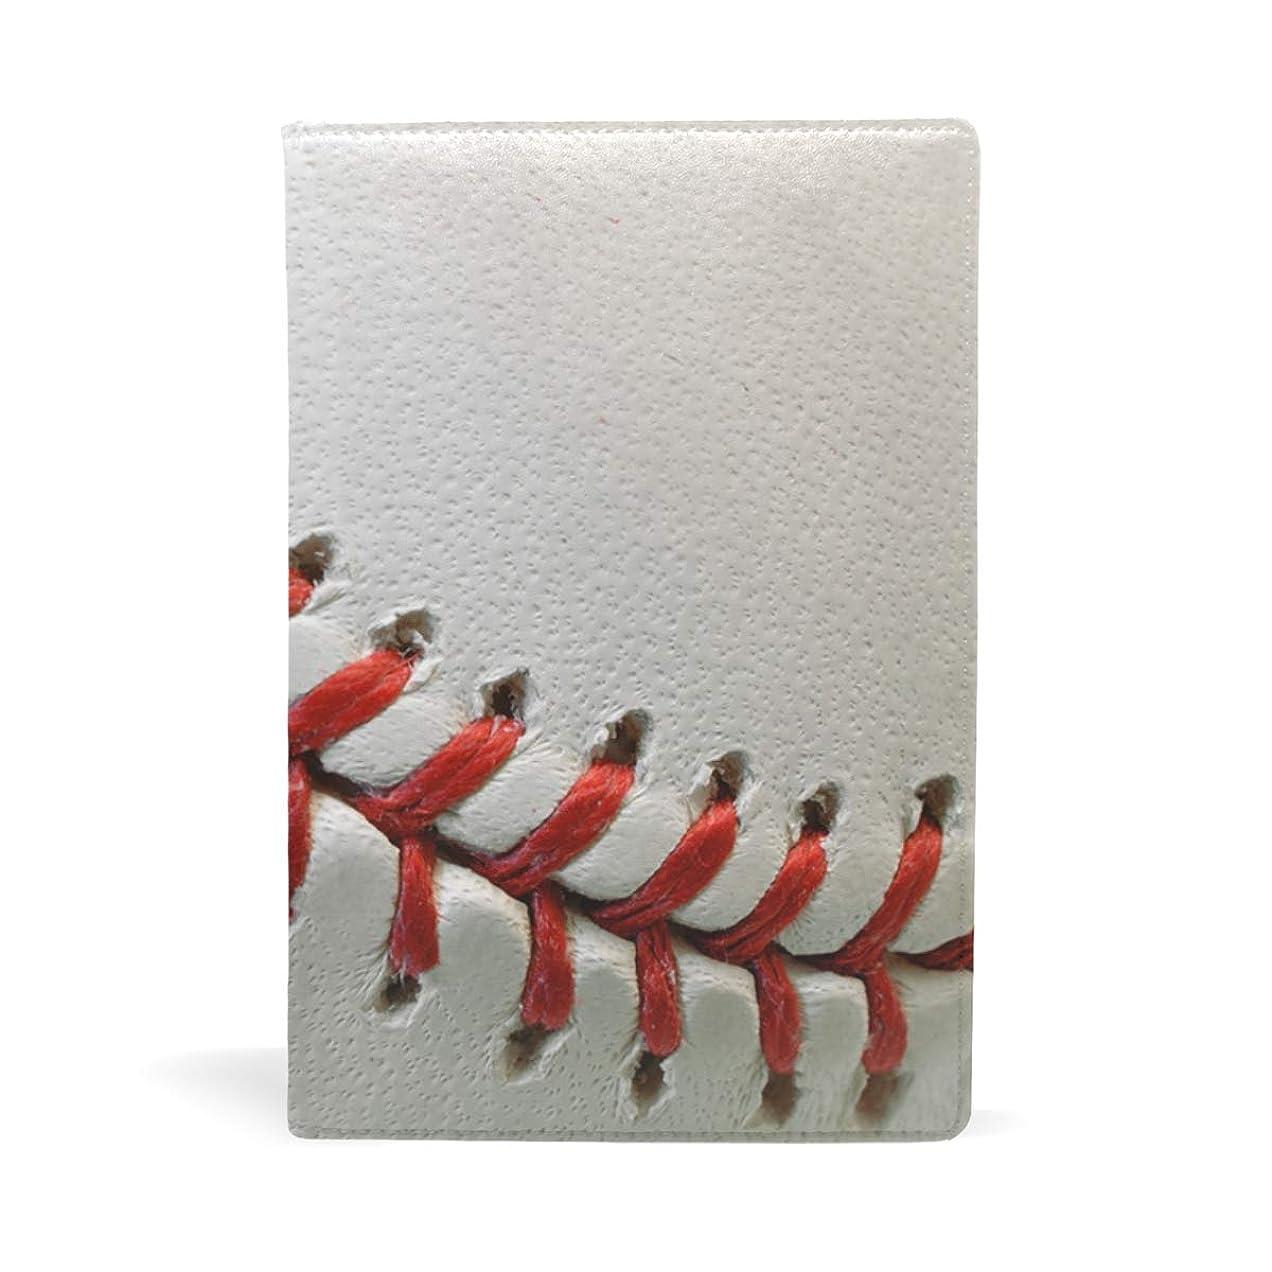 一人でラバいろいろ棒球 ブックカバー 文庫 a5 皮革 おしゃれ 文庫本カバー 資料 収納入れ オフィス用品 読書 雑貨 プレゼント耐久性に優れ